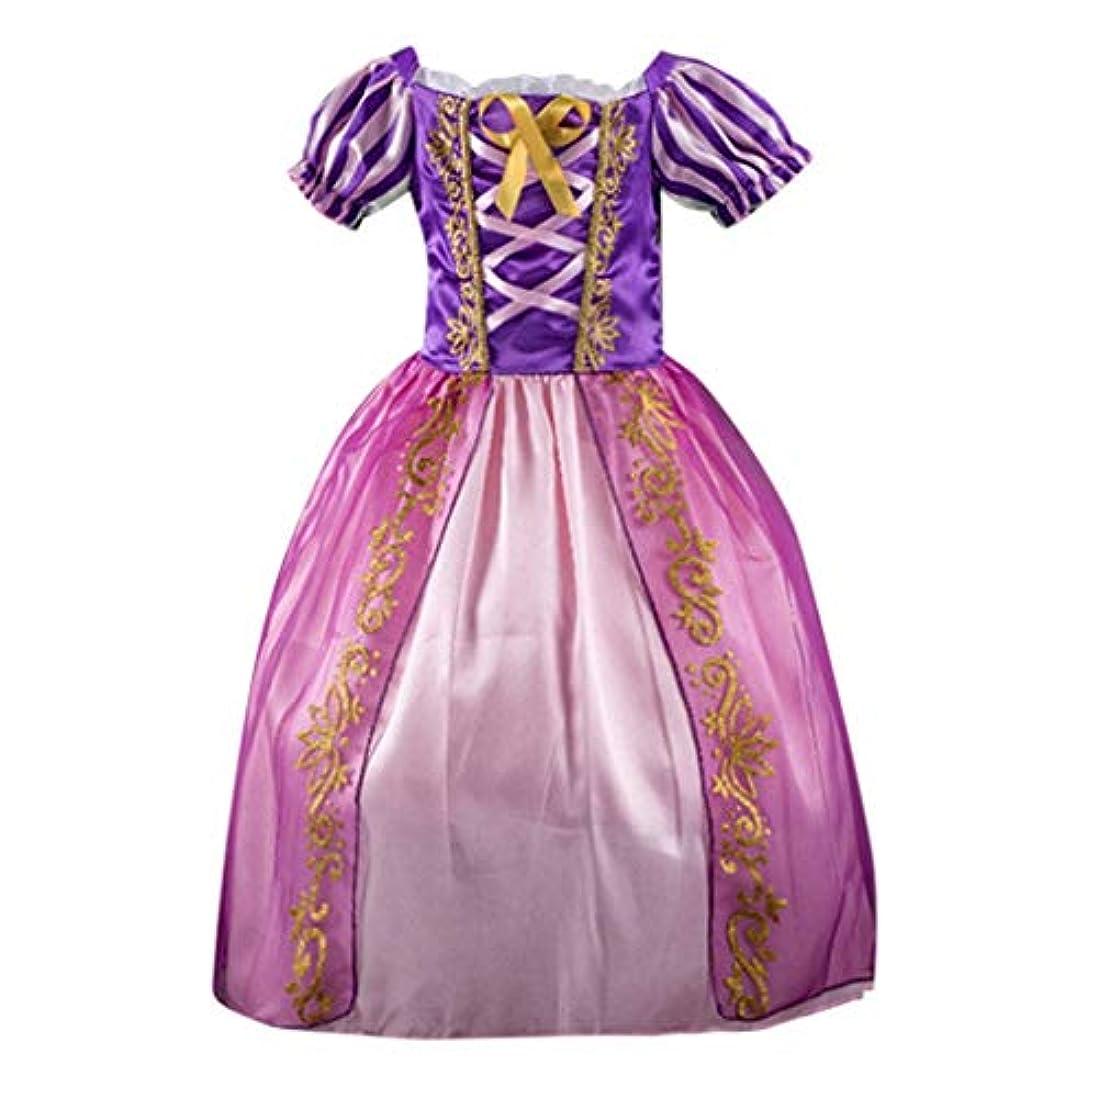 コピー緯度タイヤワンピース プリンセス こども 短袖 普段着 ストラップ ハロウィン ドレス 華やか TUTU 子供用 ダンス衣装 チュチュスカート キッズキラキラ 学園祭 発表会 ベビー 舞台 コスチューム 演出 2-7歳 女の子